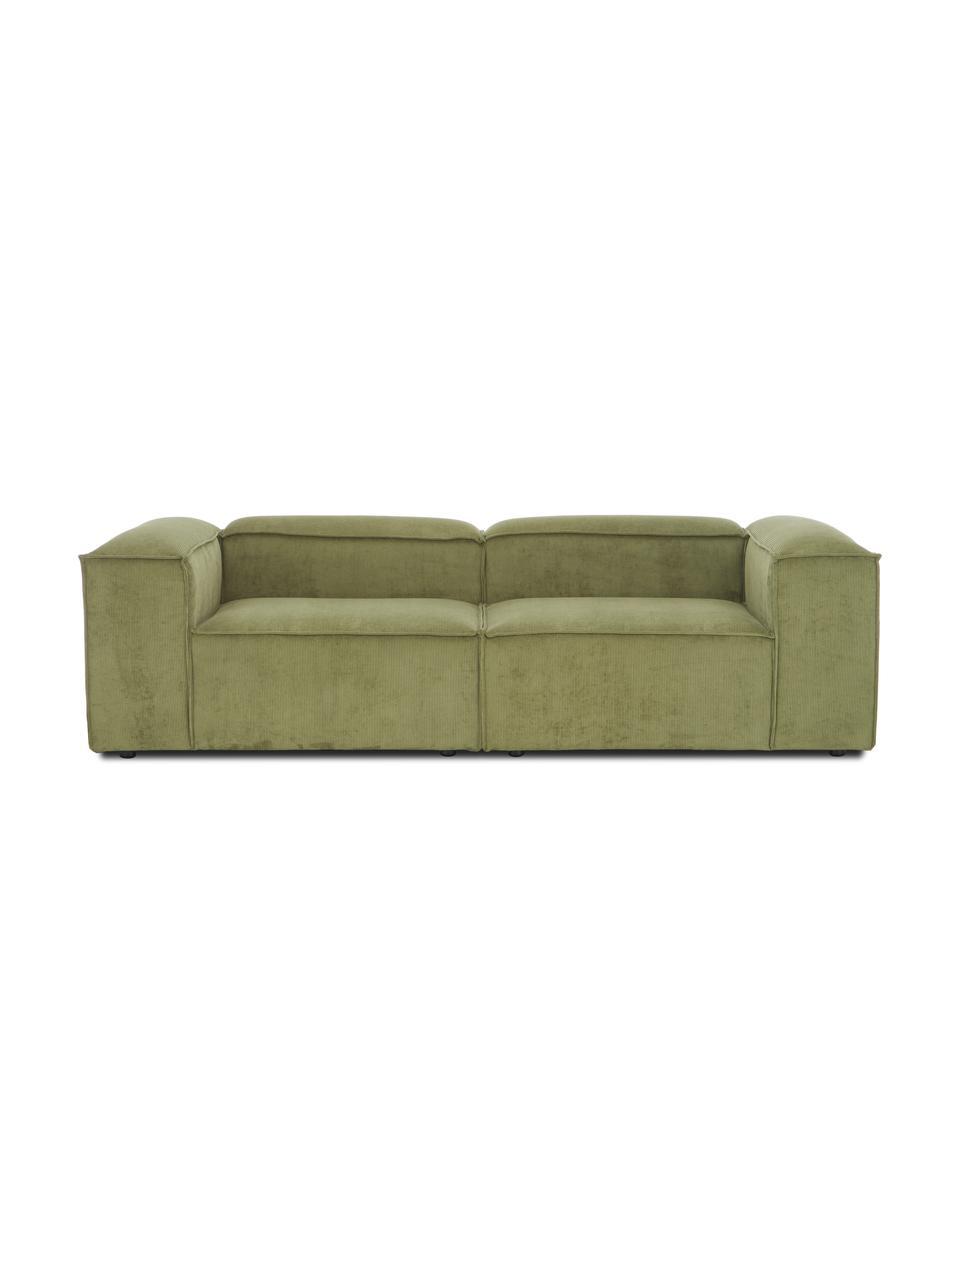 Modulaire bank Lennon (3-zits) in groen van corduroy, Bekleding: corduroy (92% polyester, , Frame: massief grenenhout, multi, Poten: kunststof De poten bevind, Corduroy groen, 238 x 119 cm